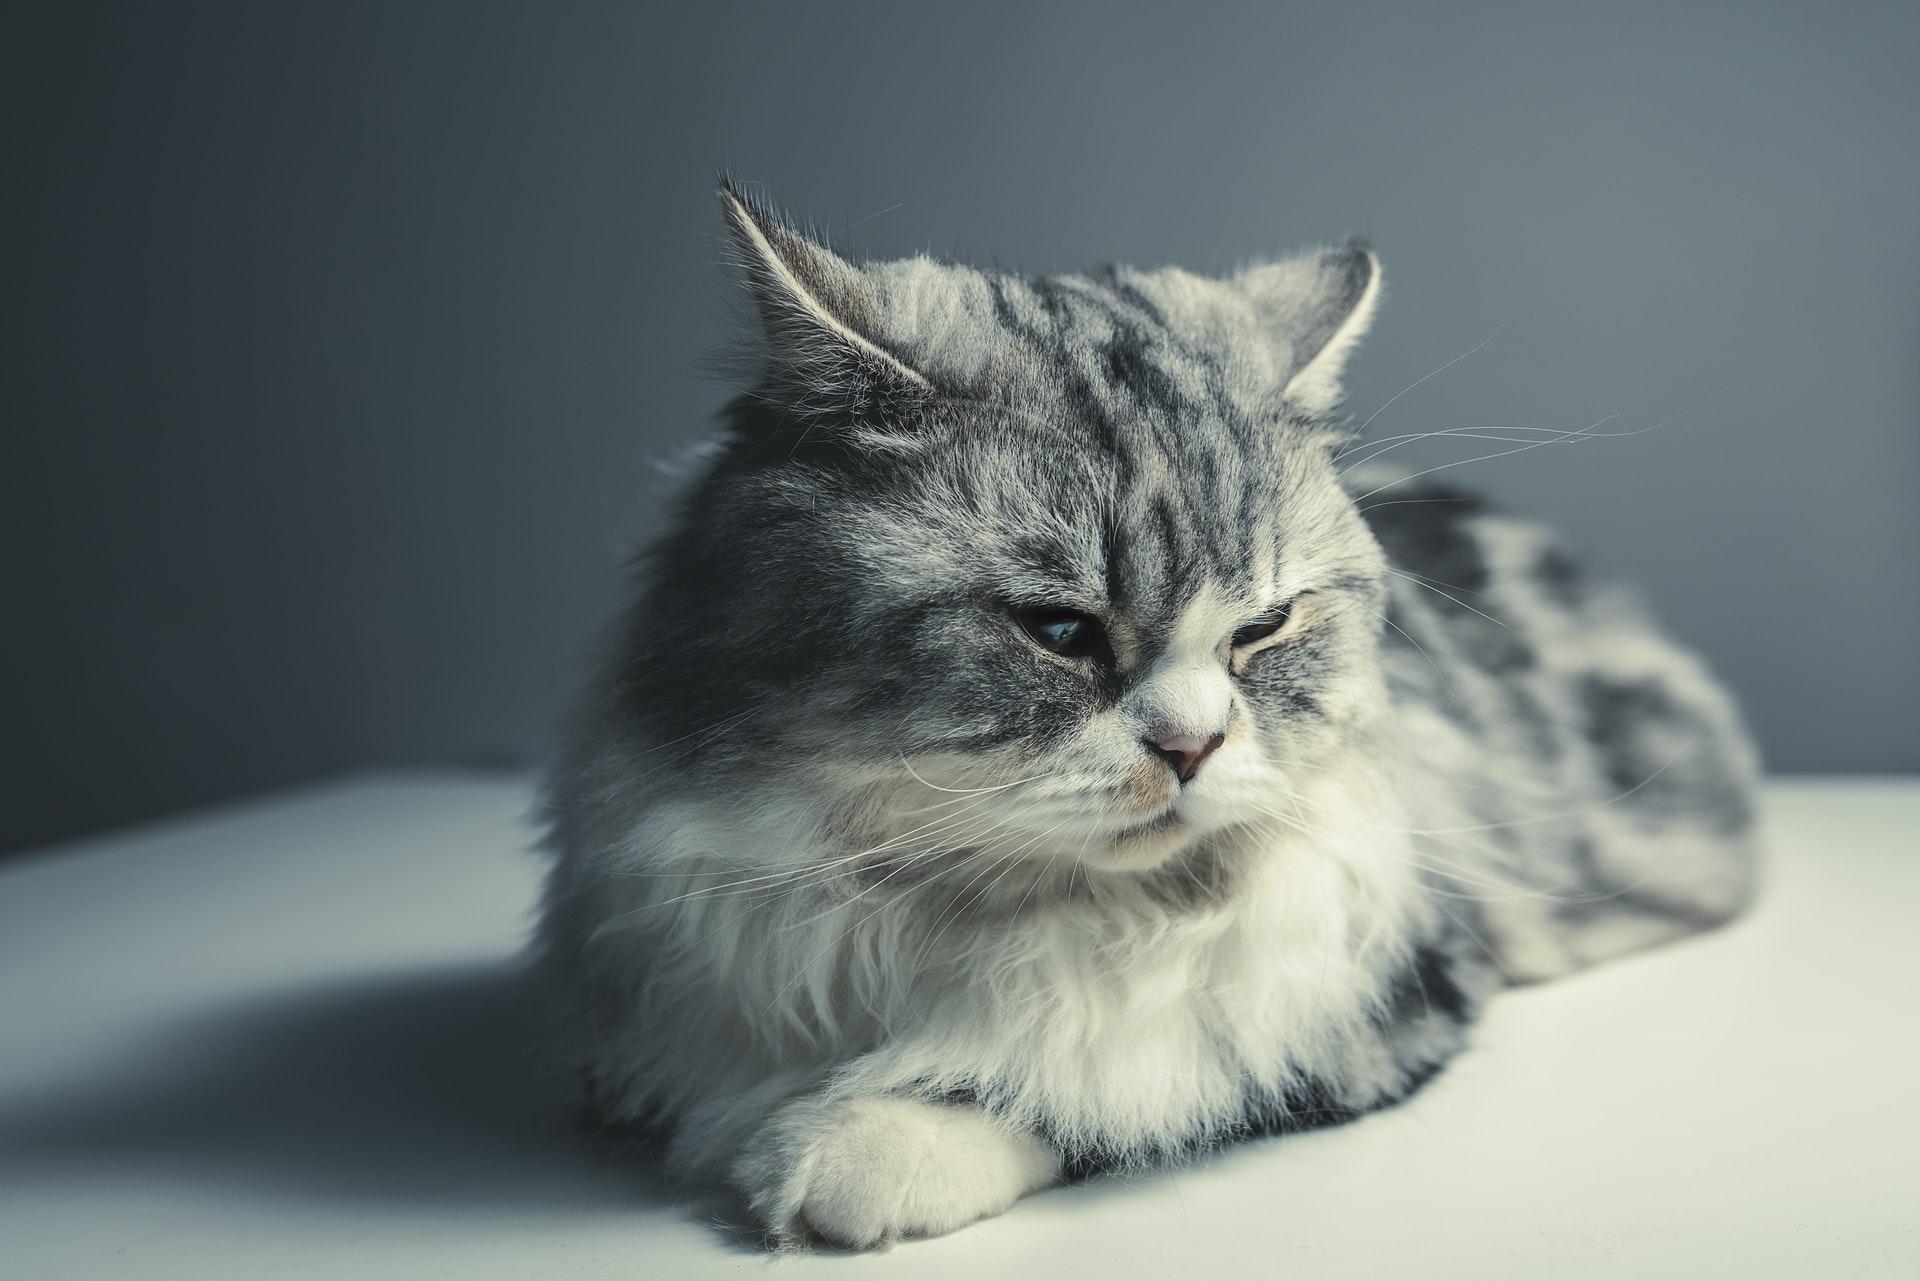 Katze chippen: das sollten Katzenhalter wissen